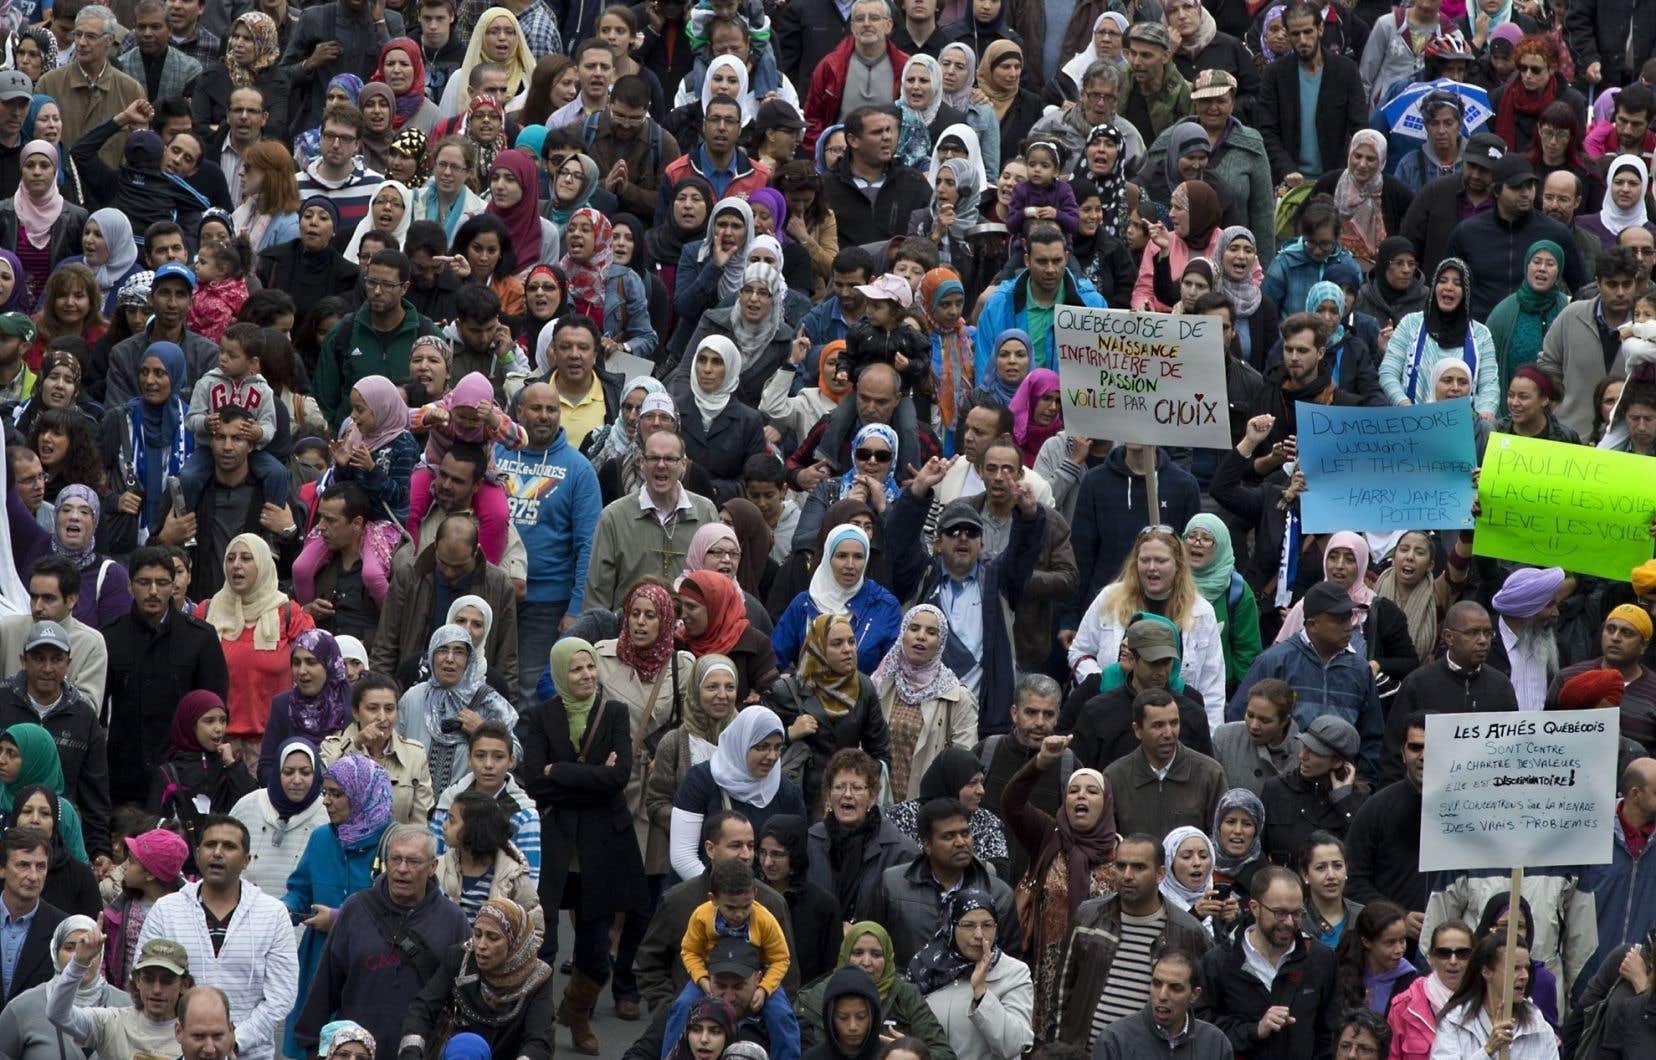 Manifestation contre la charte de la laïcité, 14 septembre 2013